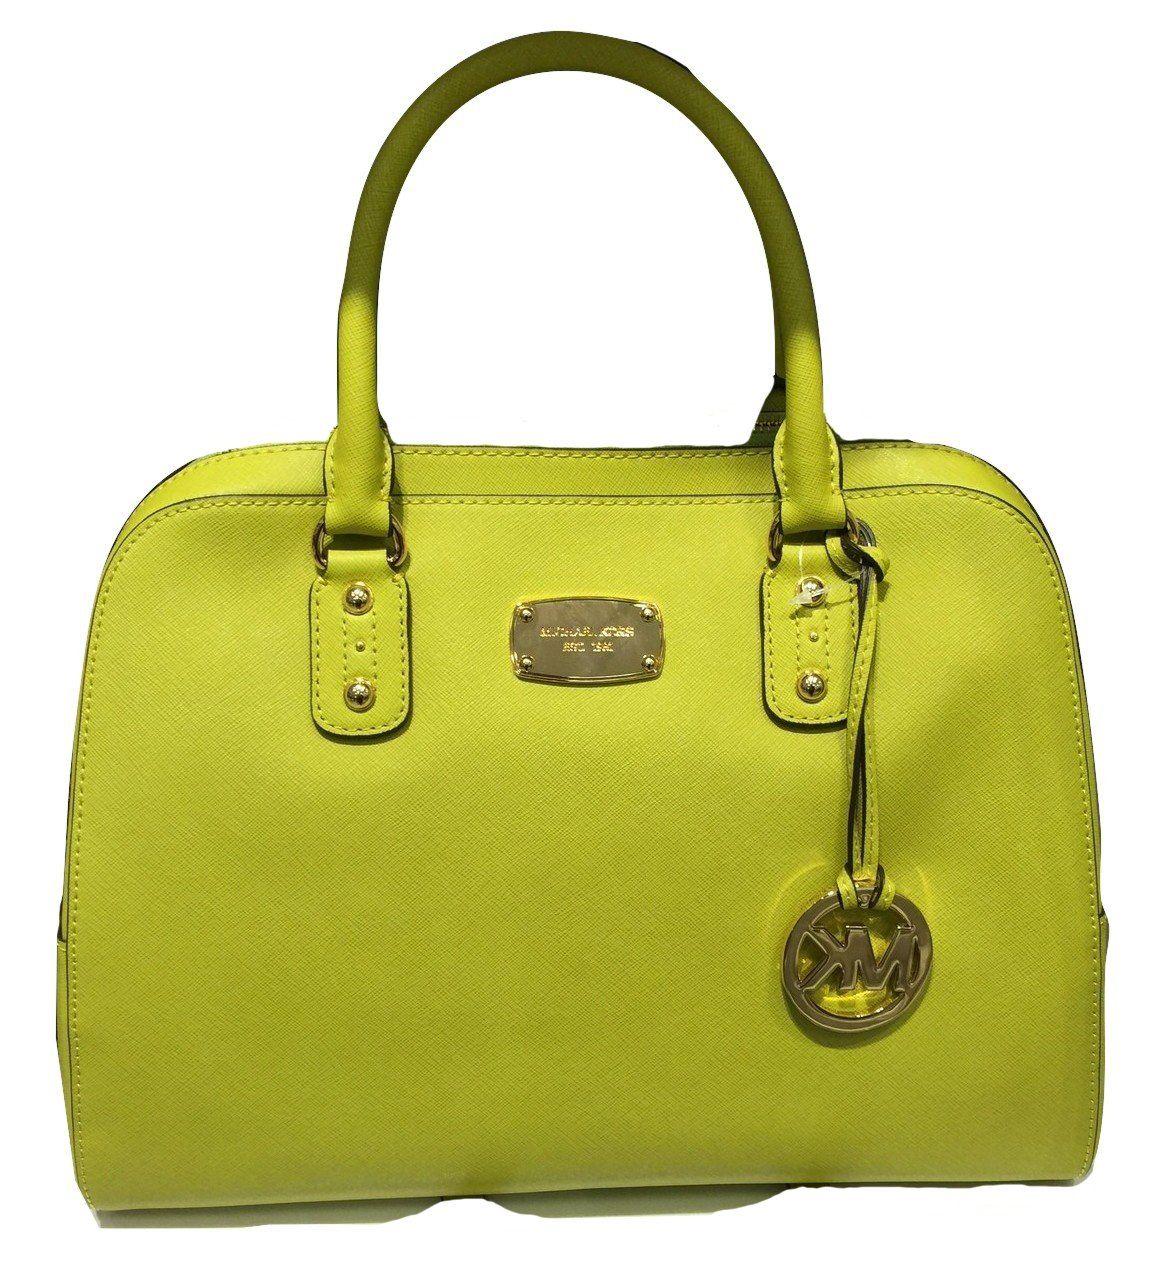 d977bd8baf8f ... sale michael kors large satchel apple saffiano leather handbags amazon  67273 d8c8a ...